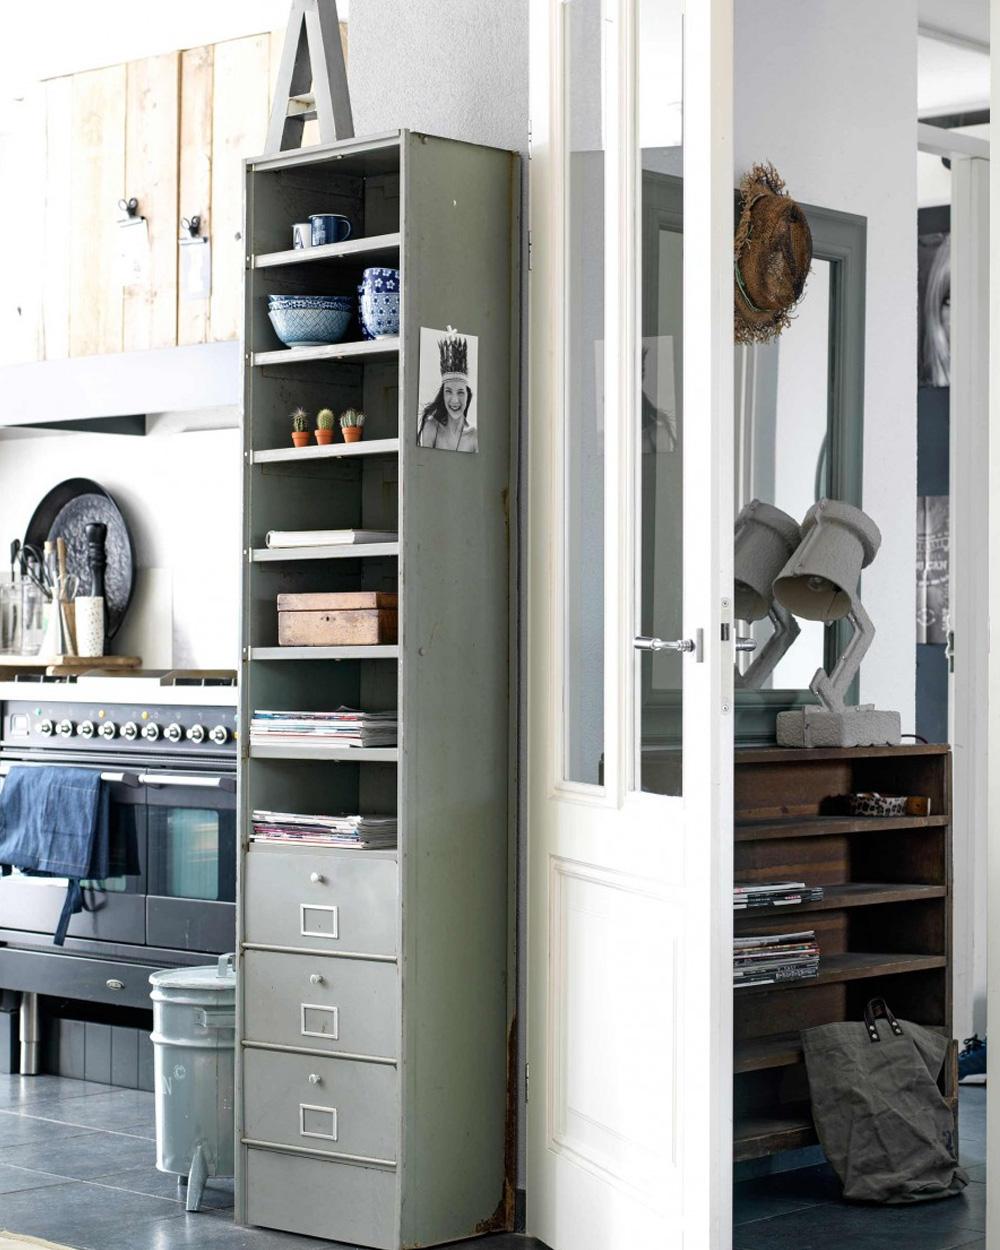 casier en métal dans cuisine